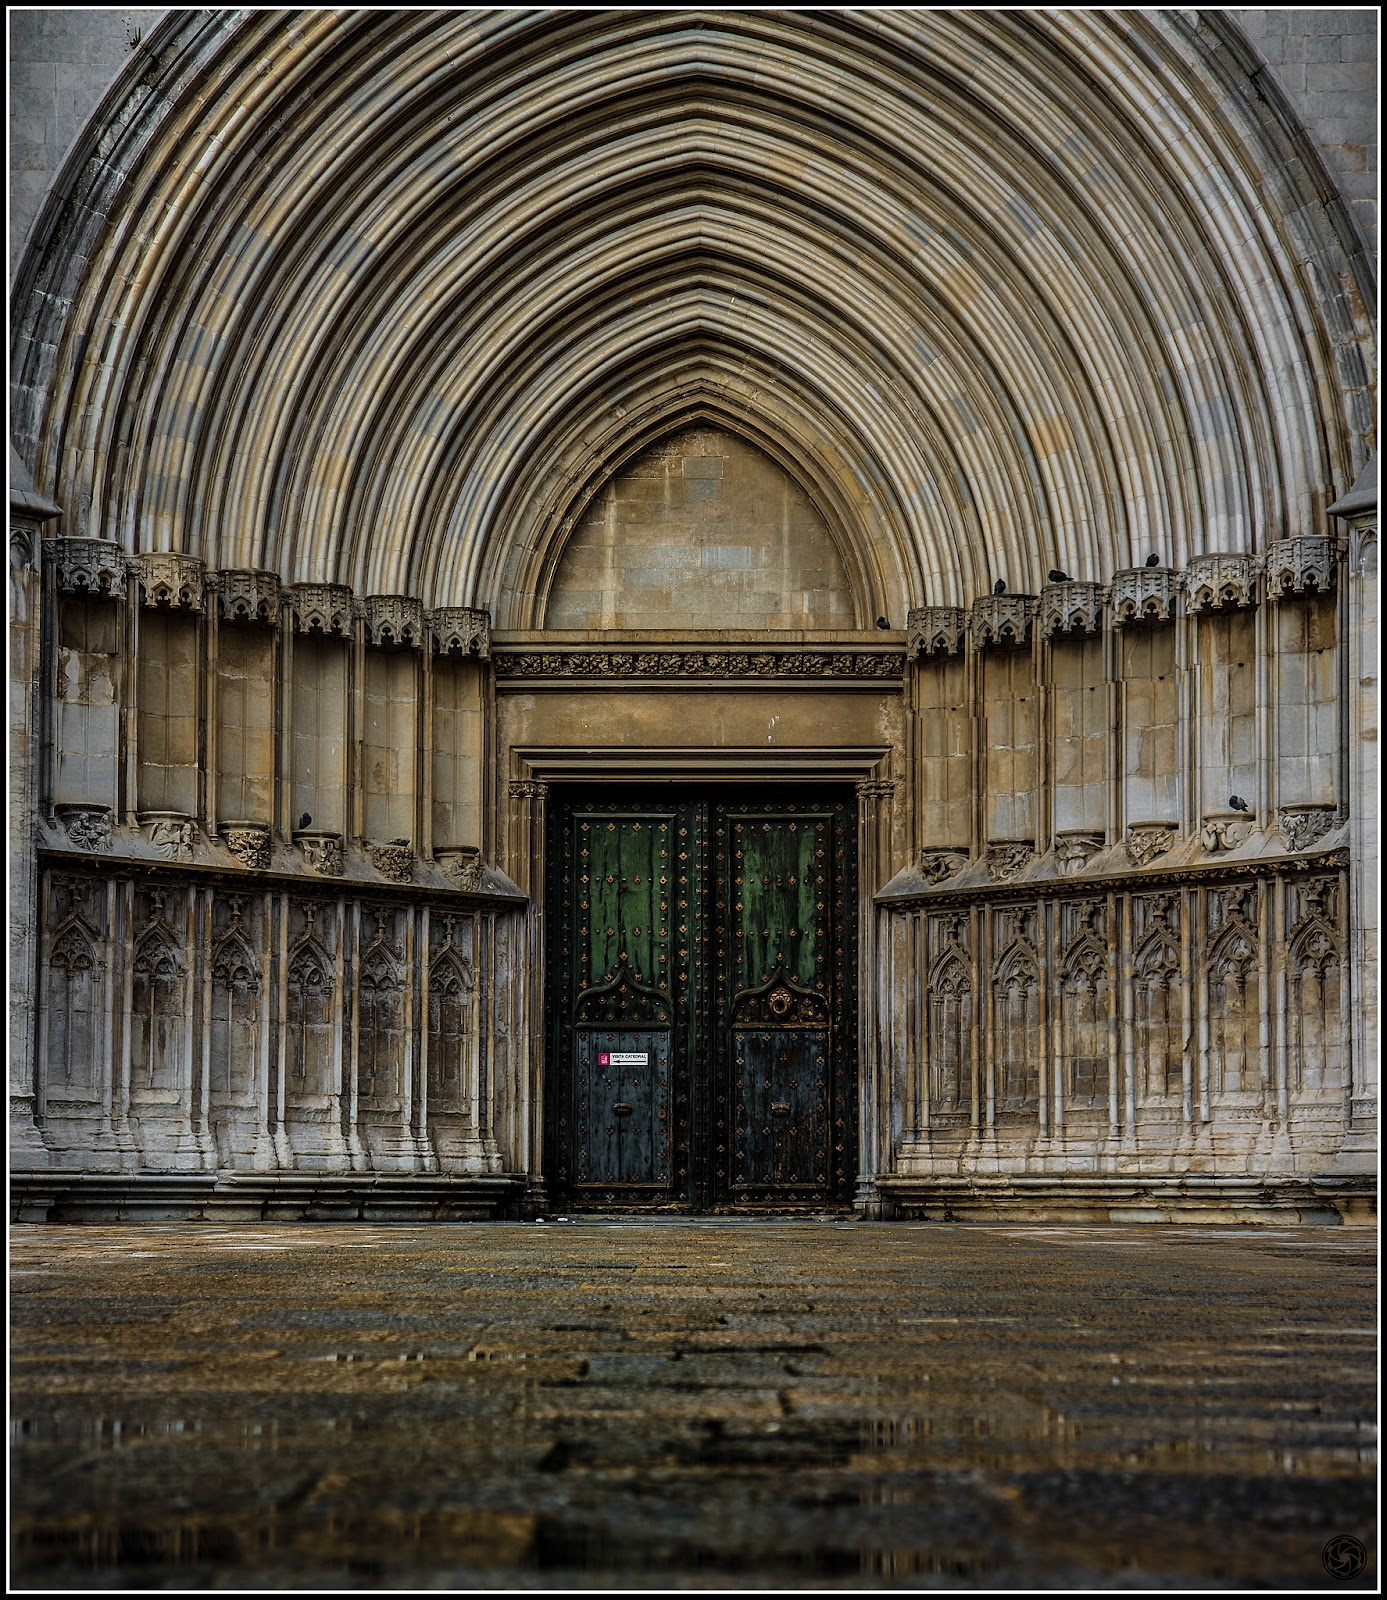 Puerta lateral de Sta. Maria de Girona :: Panorama 2 x Canon  EOS 5D MkIII | ISO 100 | Canon 24-105@75mm | f/4.0 | 1/80s